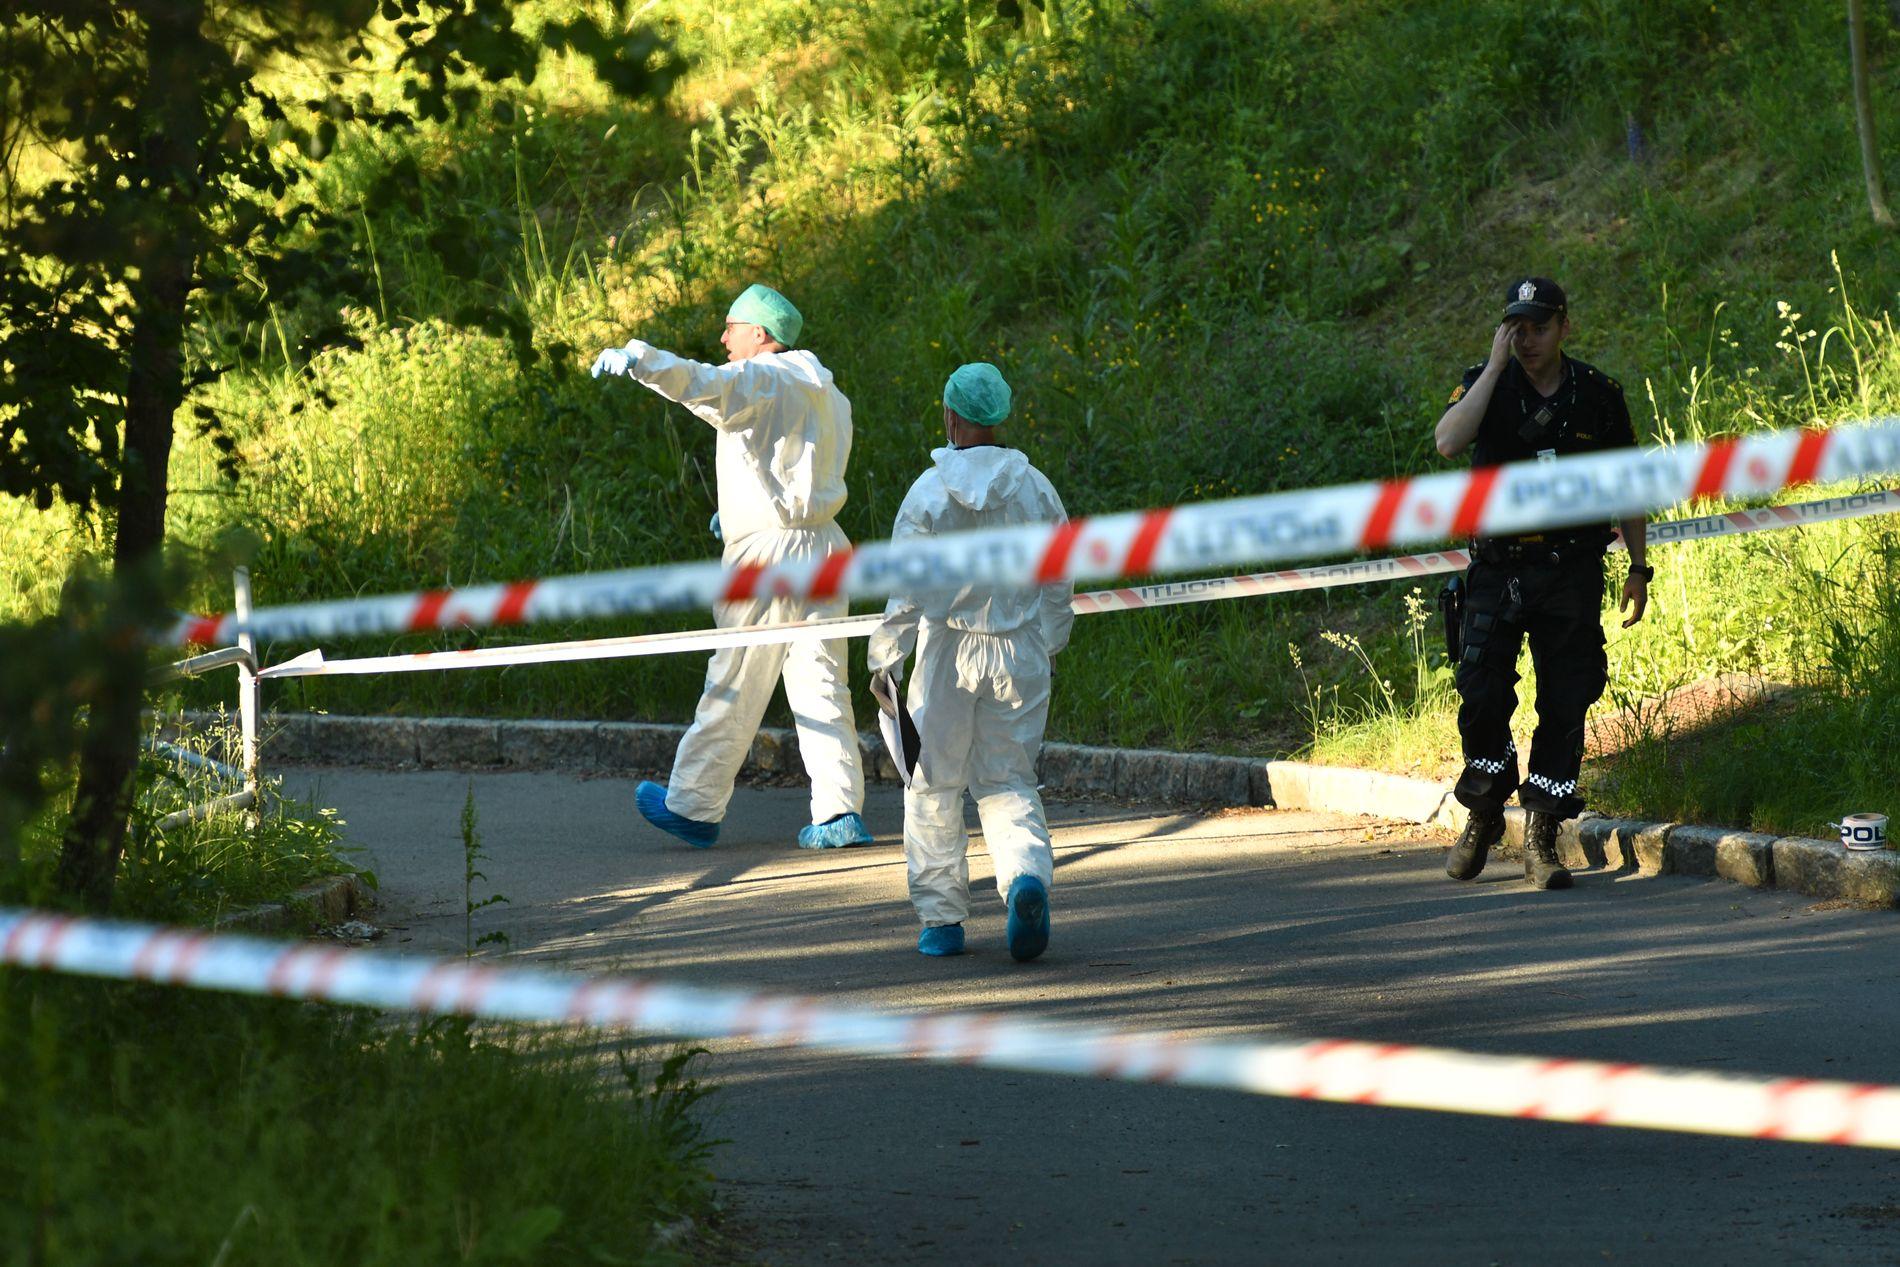 DREPT PÅ GANGVEIEN: Flere forbipasserende ble vitner til at mannen (43) drepte sin egen kone (42) da hun gikk av bussen her på Trosterud i juni i fjor.